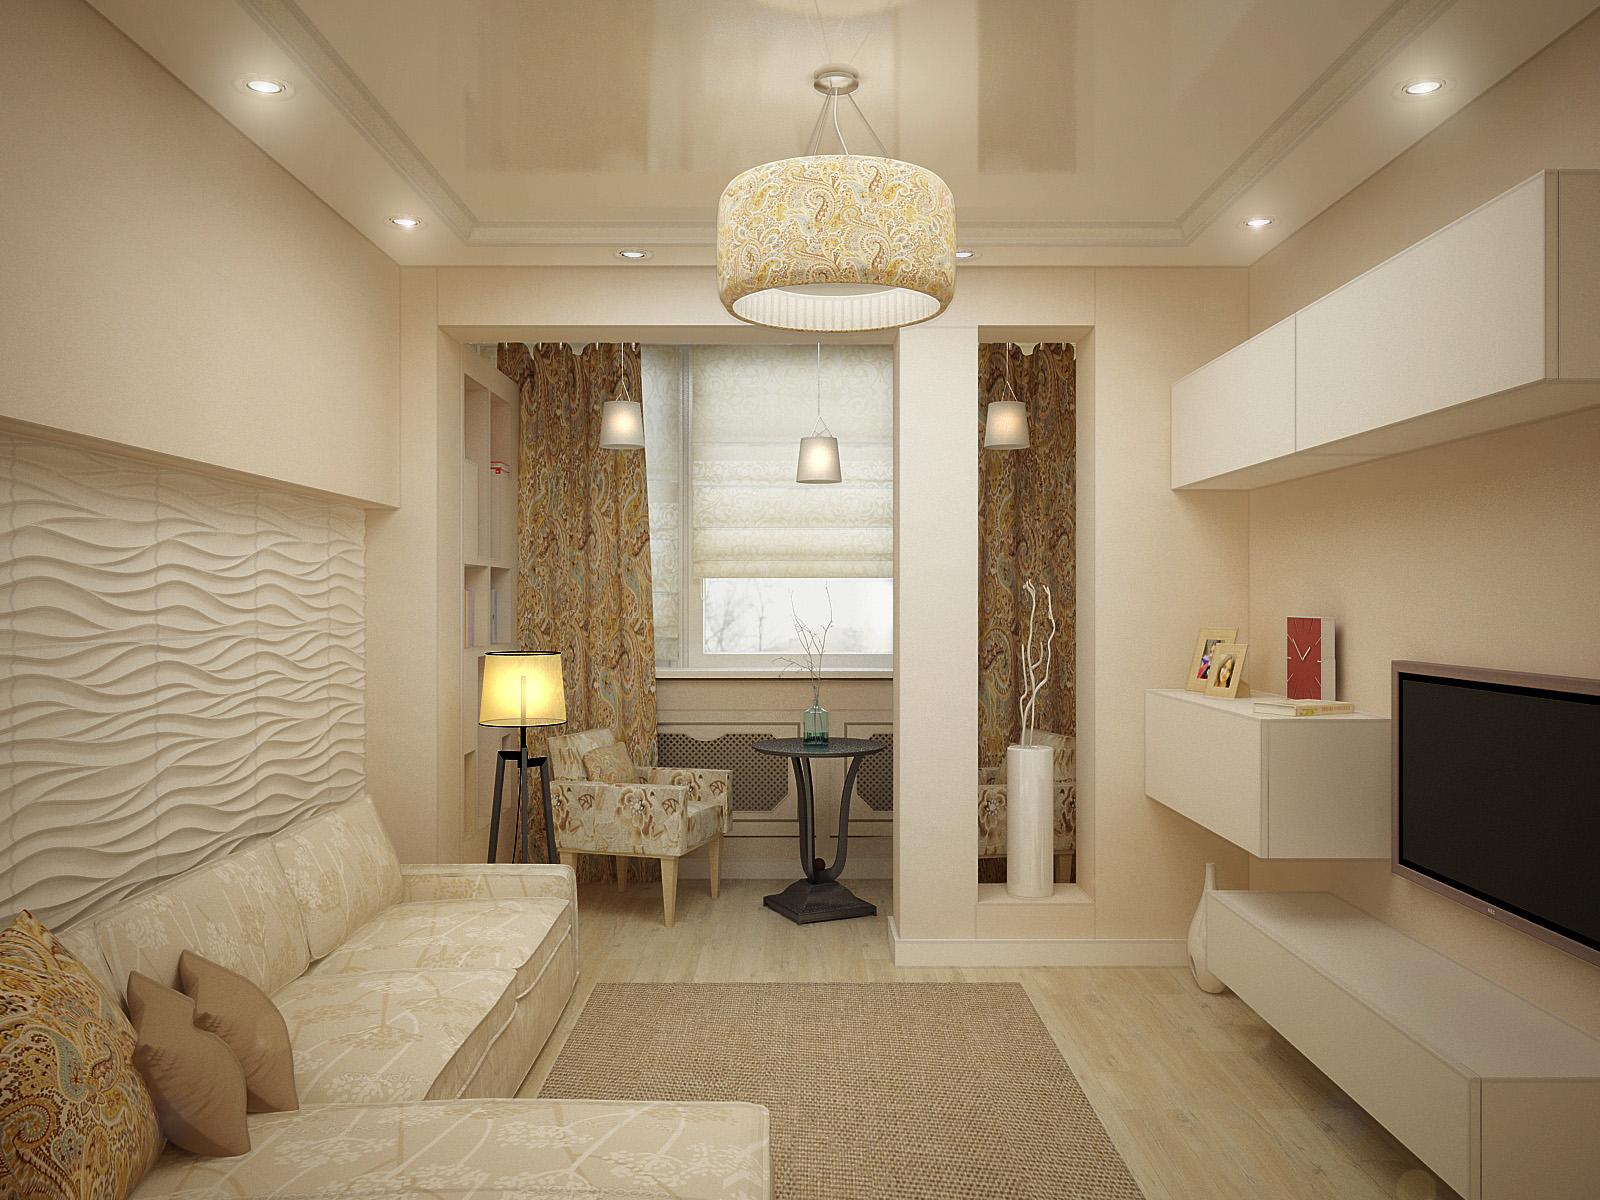 Дизайн интерьера гостиной 17 кв.м фото